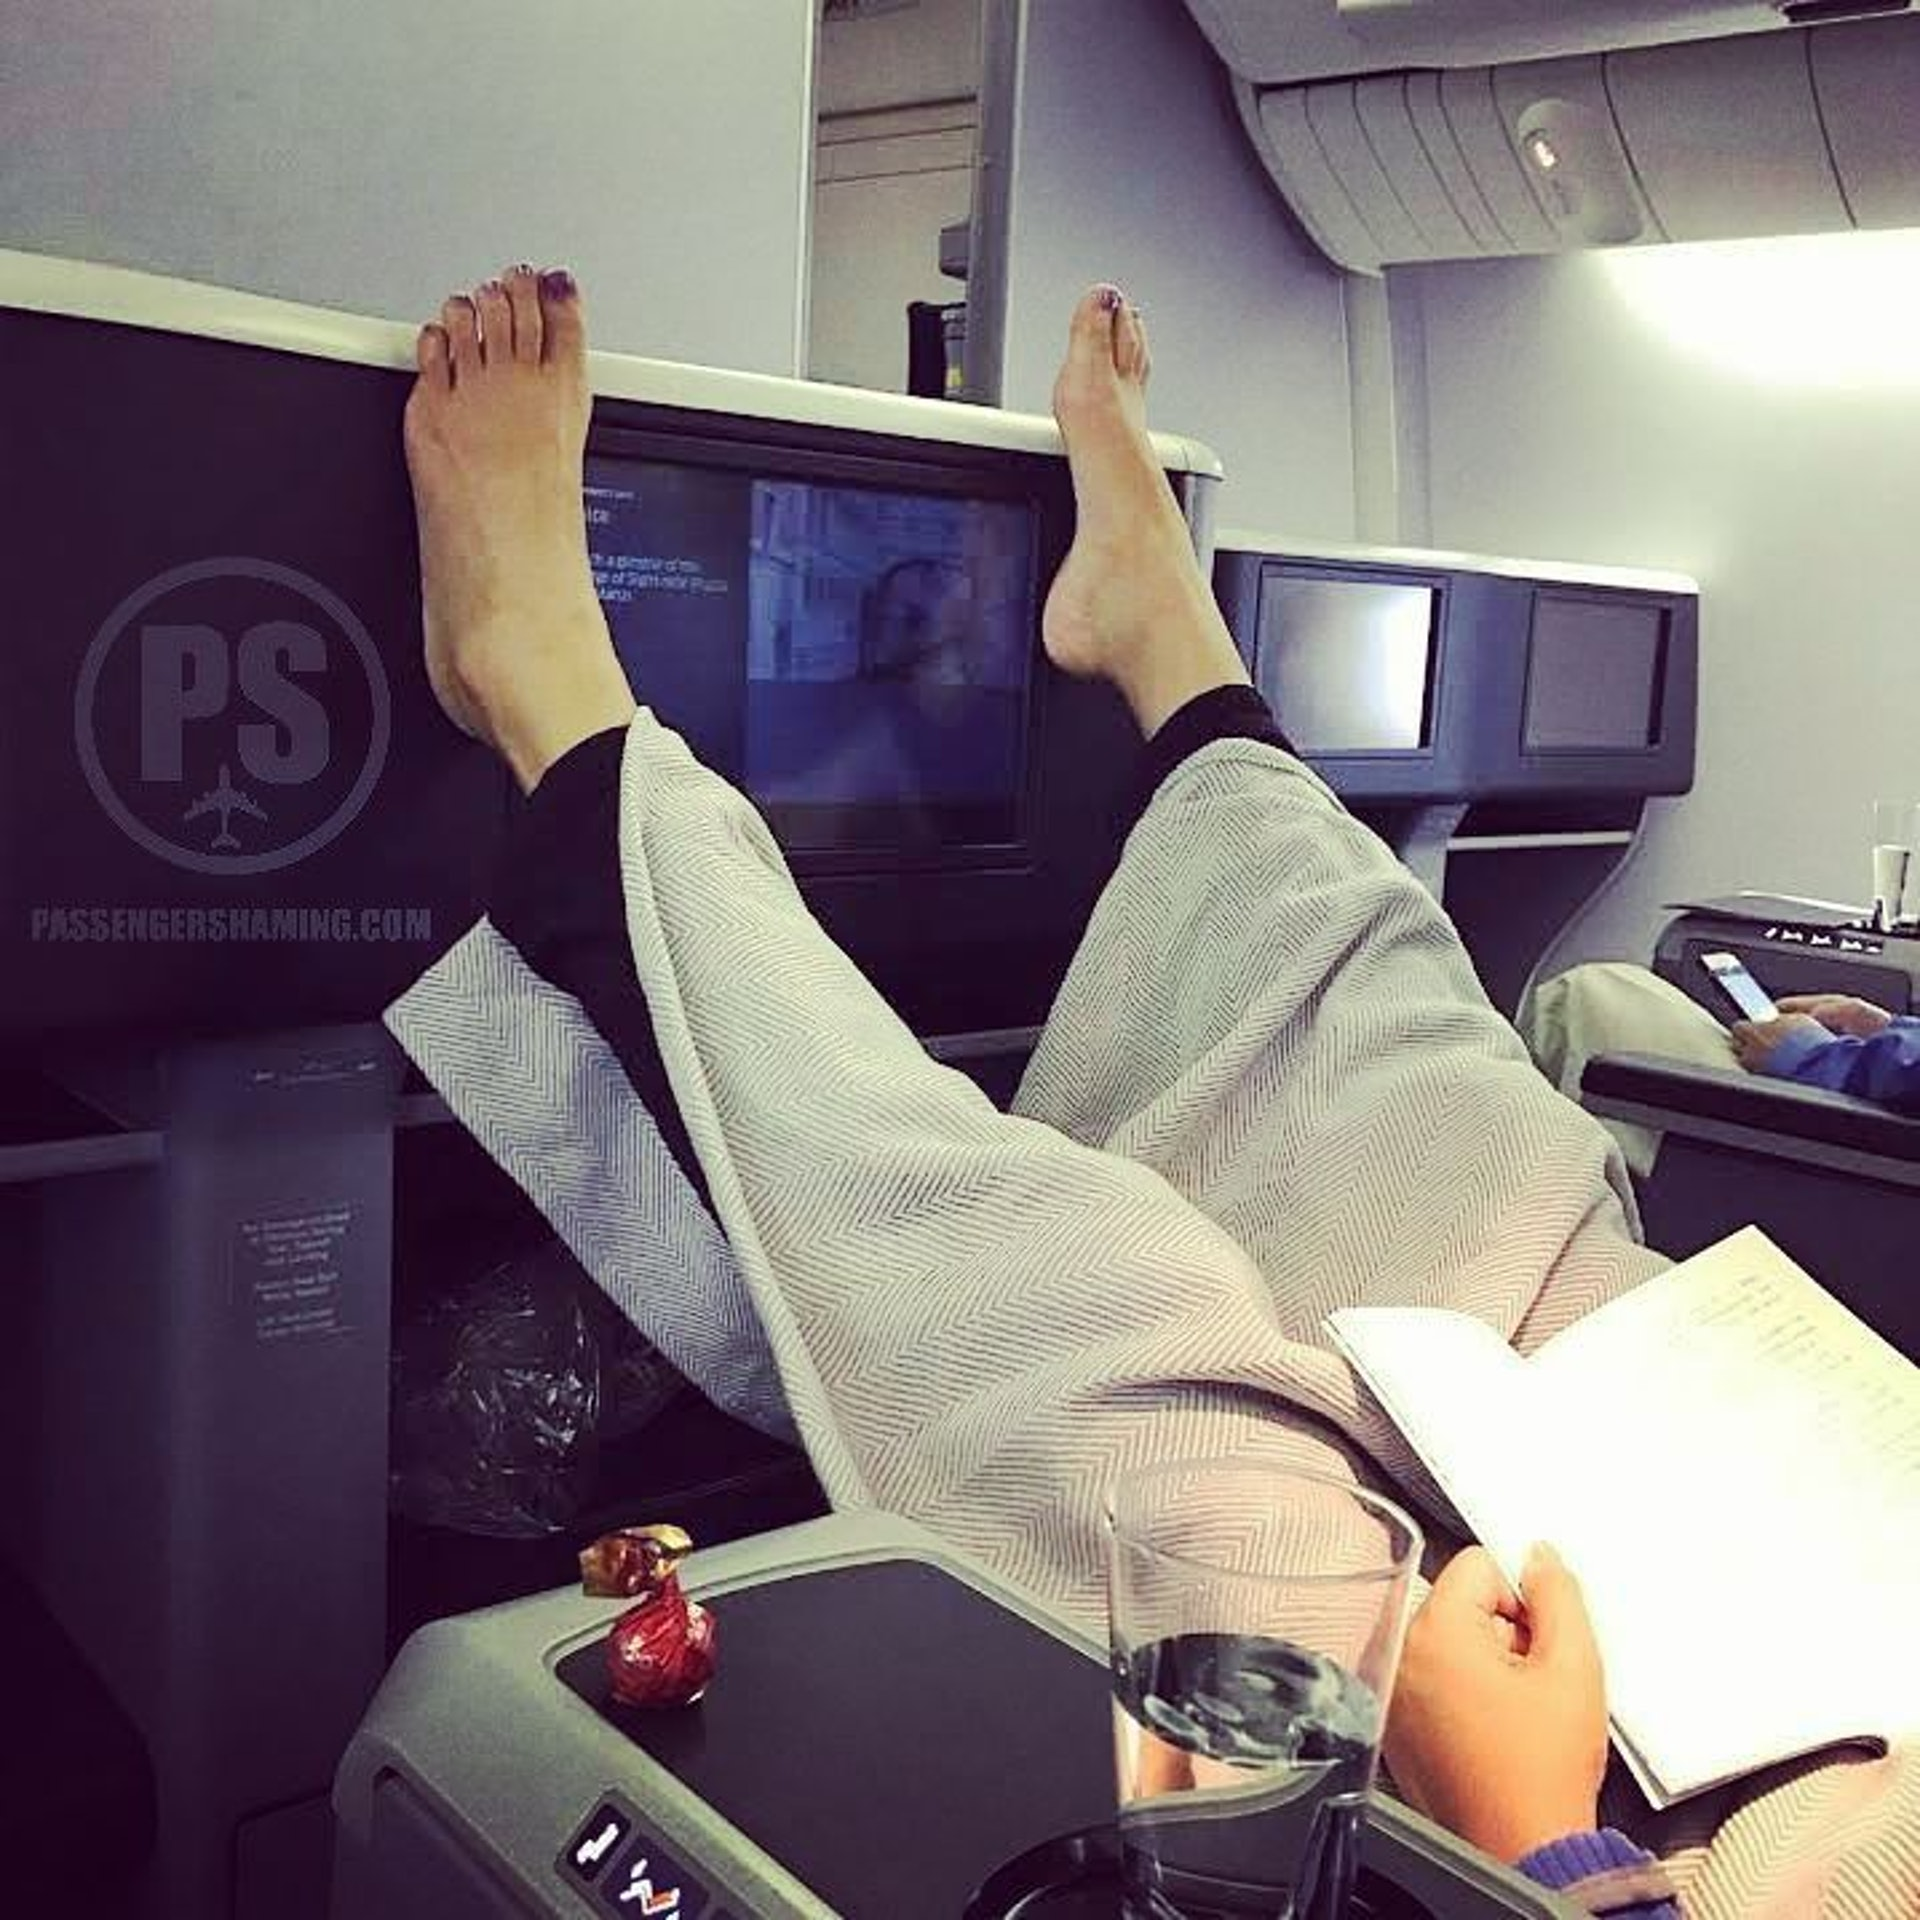 唔知點解,睇相都好似聞到陣味。(圖片來源:passengershaming@ig)